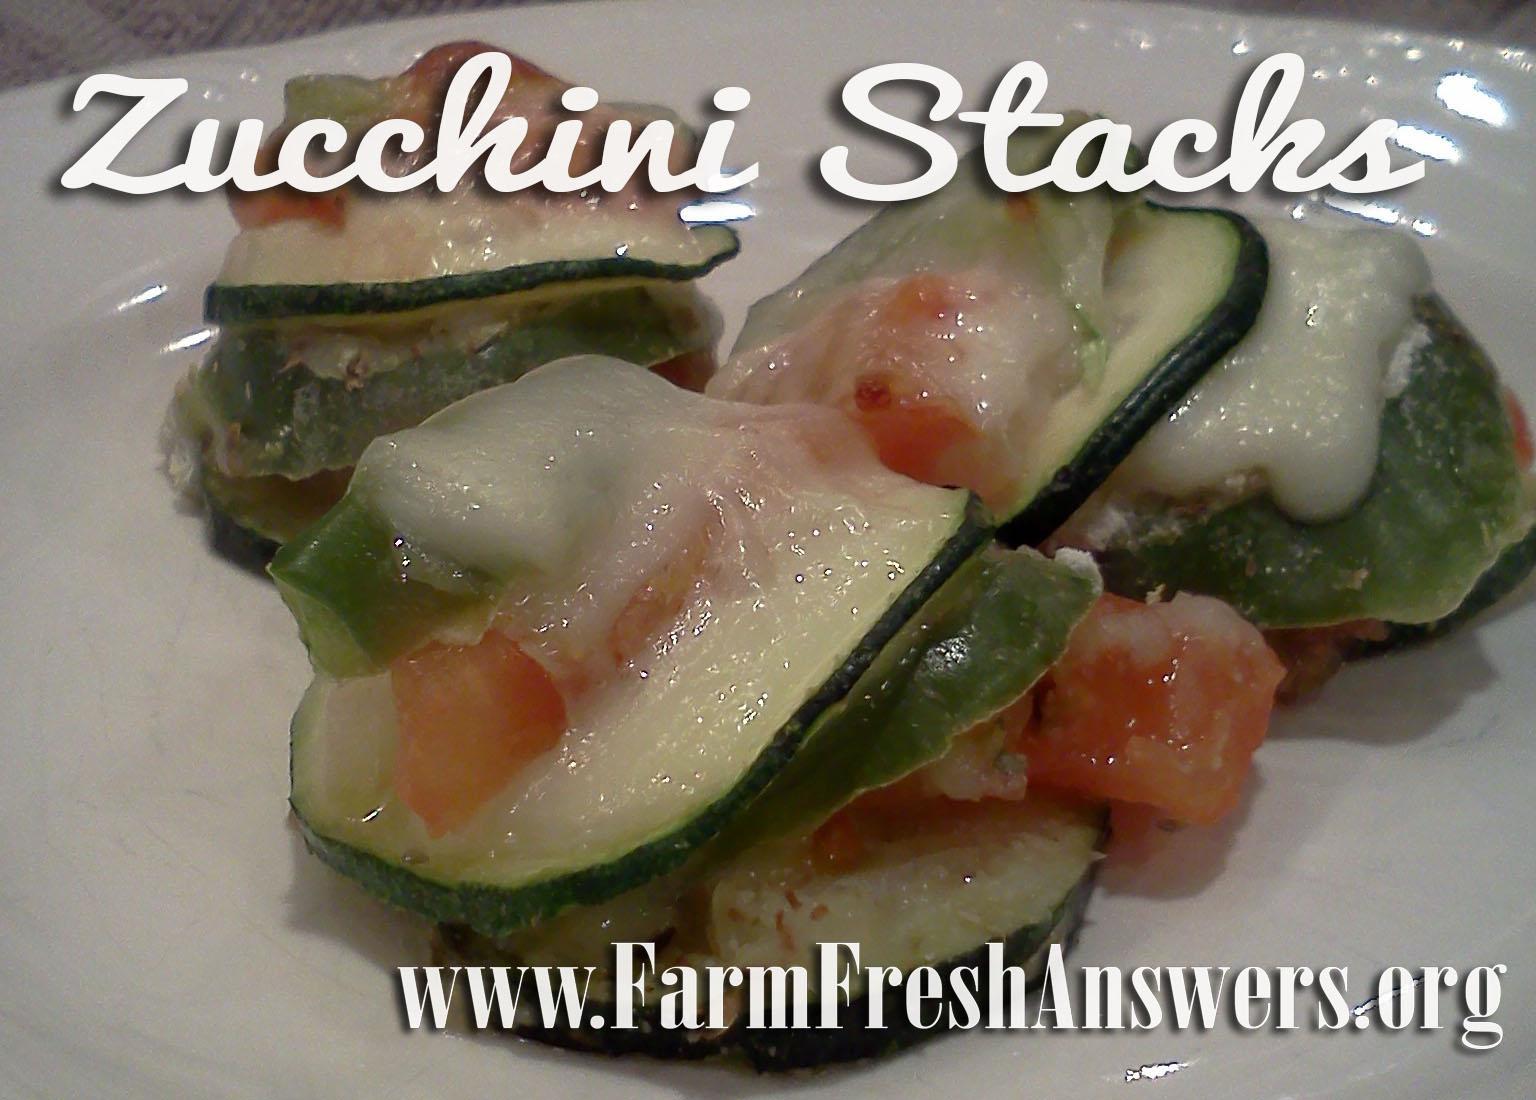 Zucchini stacks